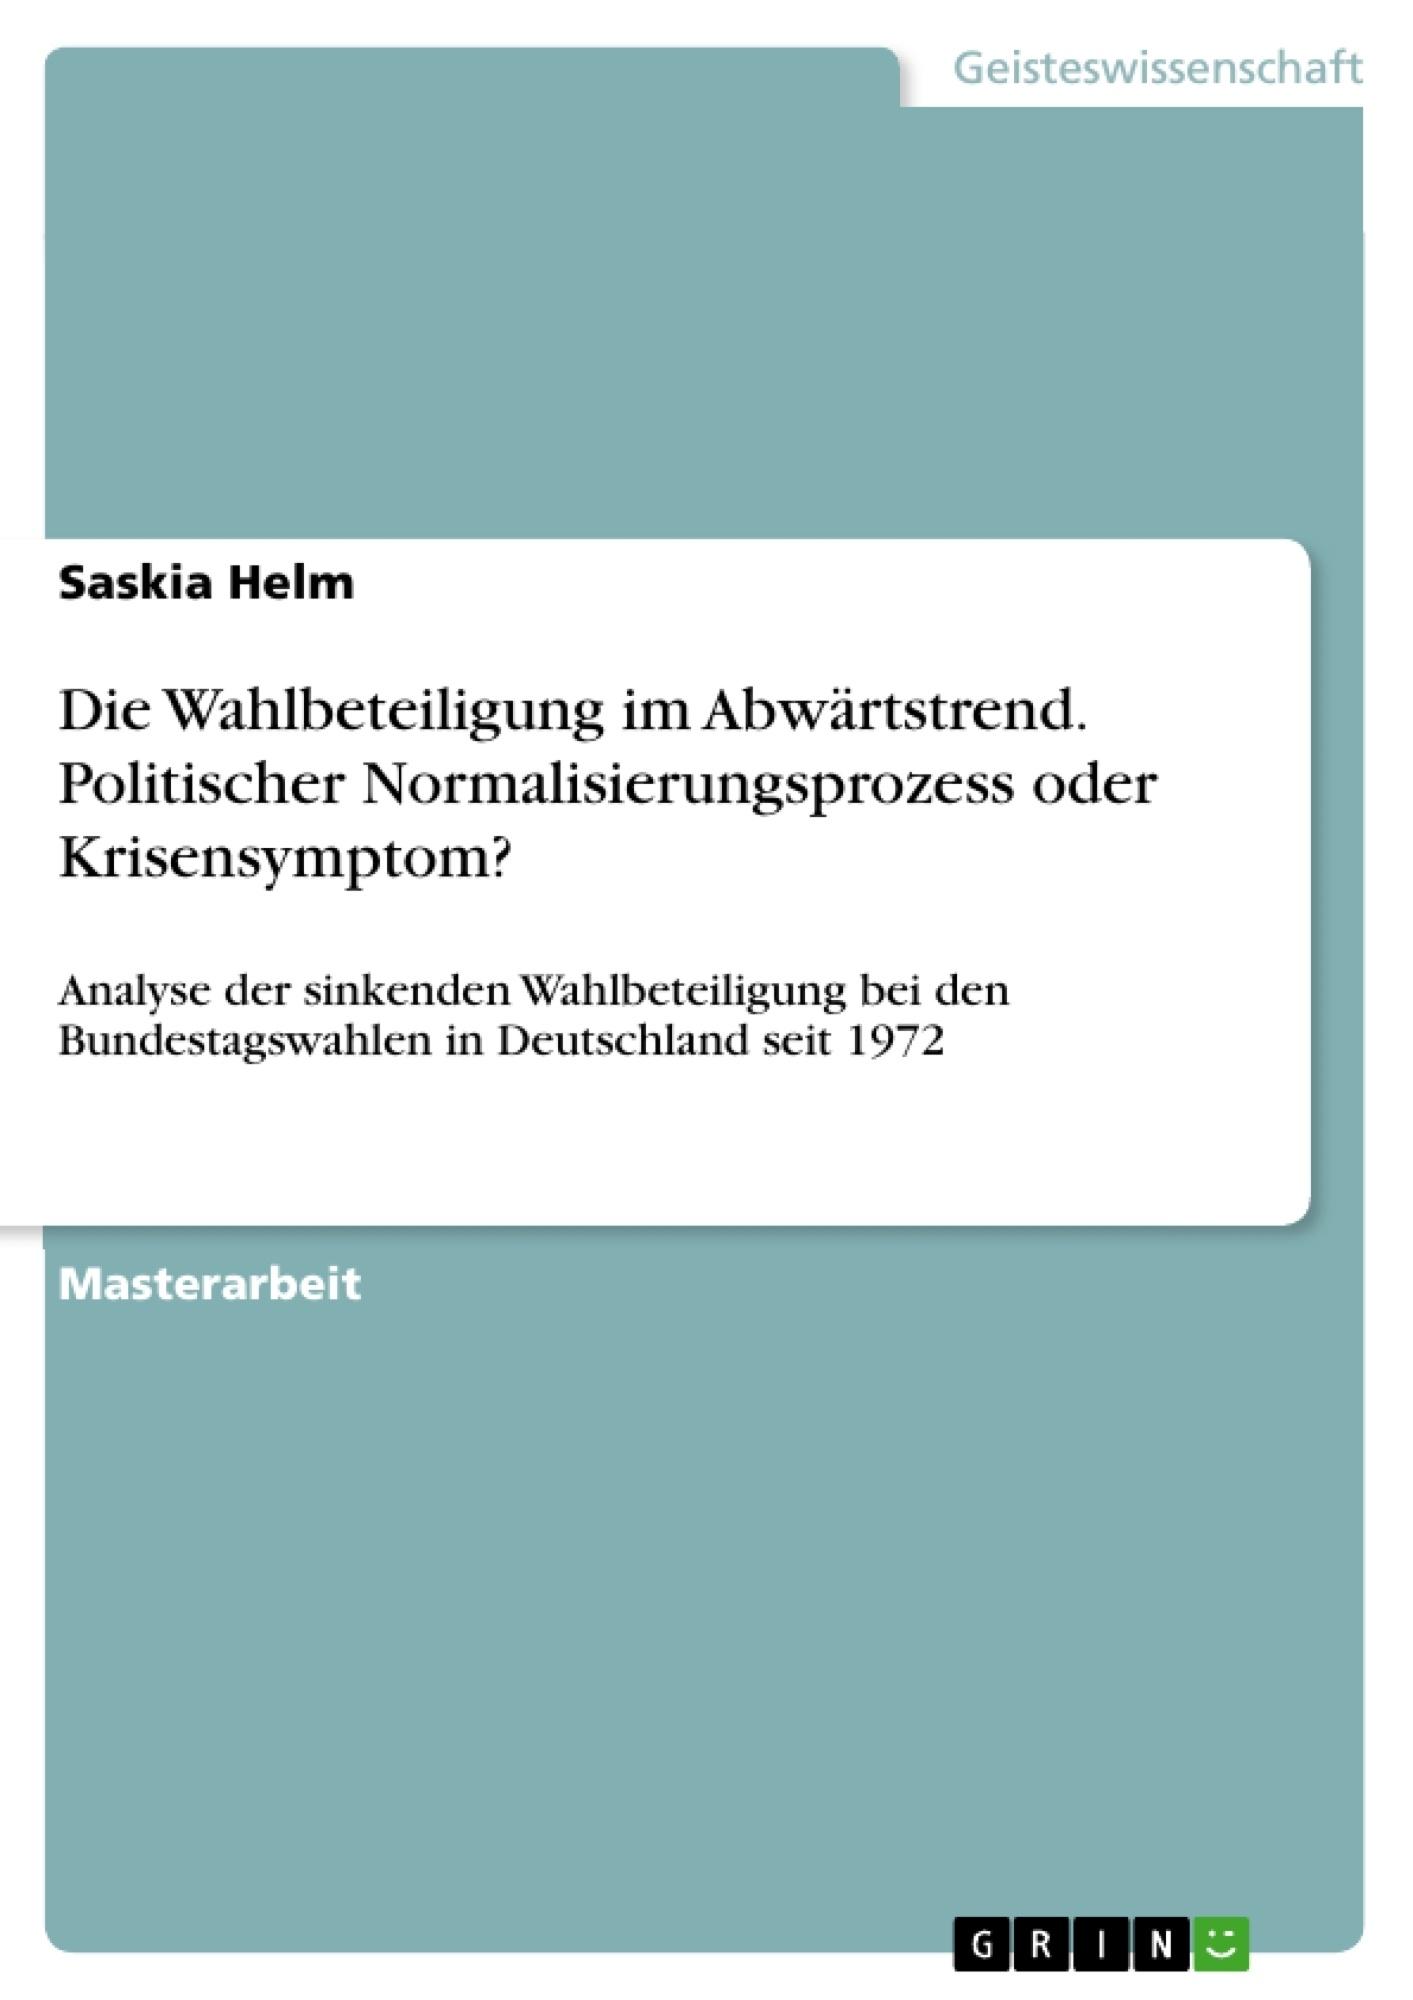 Titel: Die Wahlbeteiligung im Abwärtstrend. Politischer Normalisierungsprozess  oder Krisensymptom?